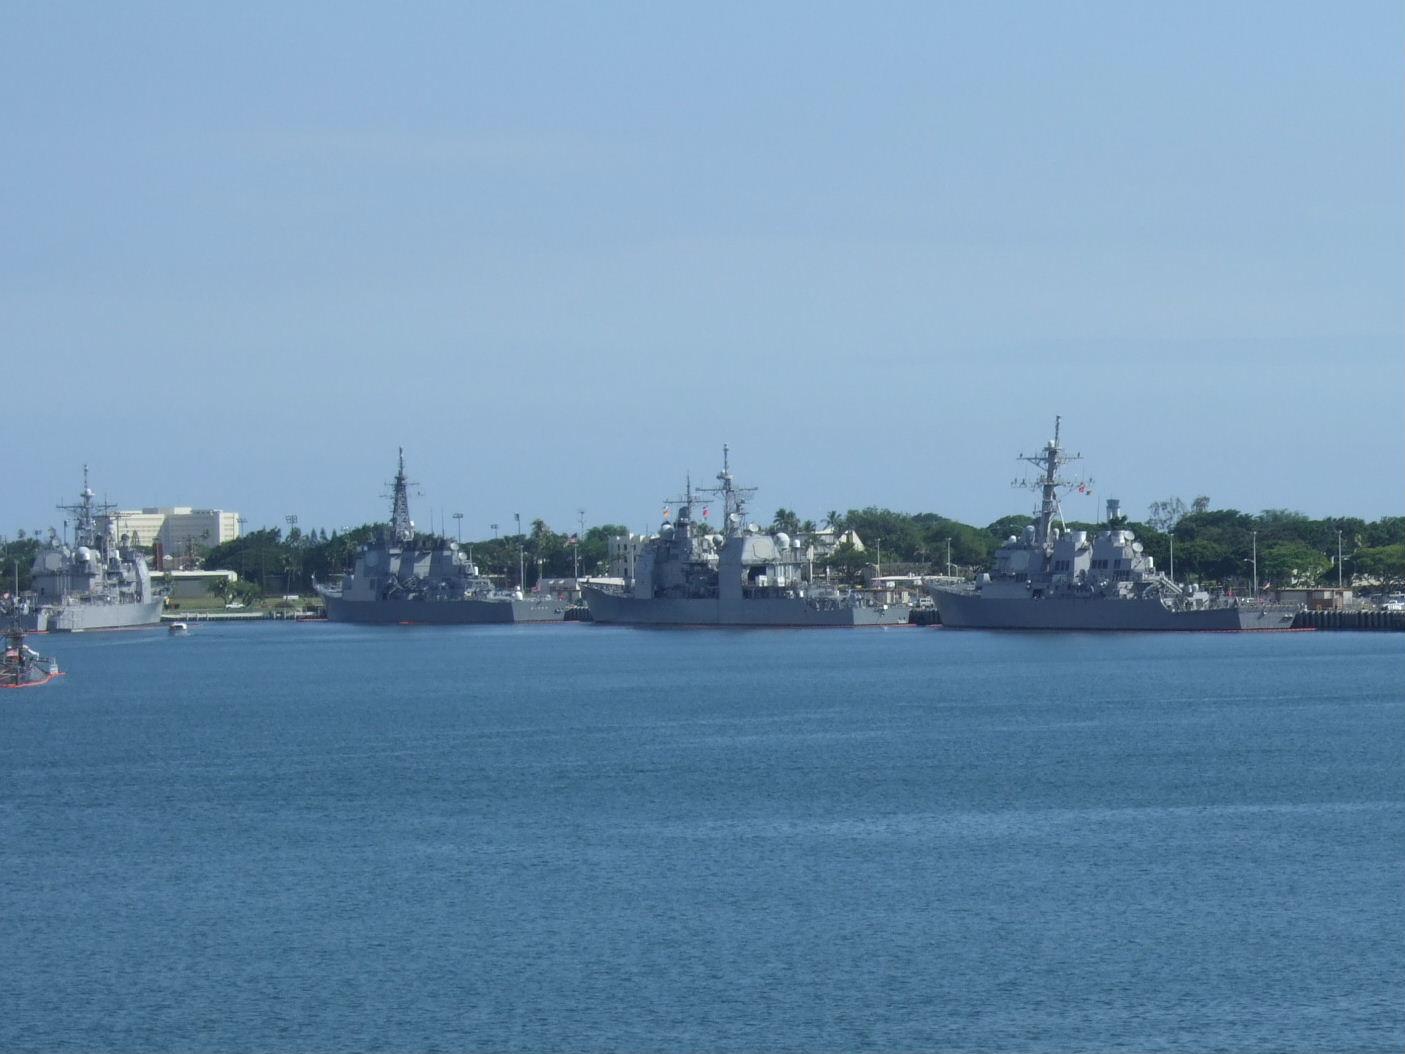 105戦艦ミズーリより自衛艦